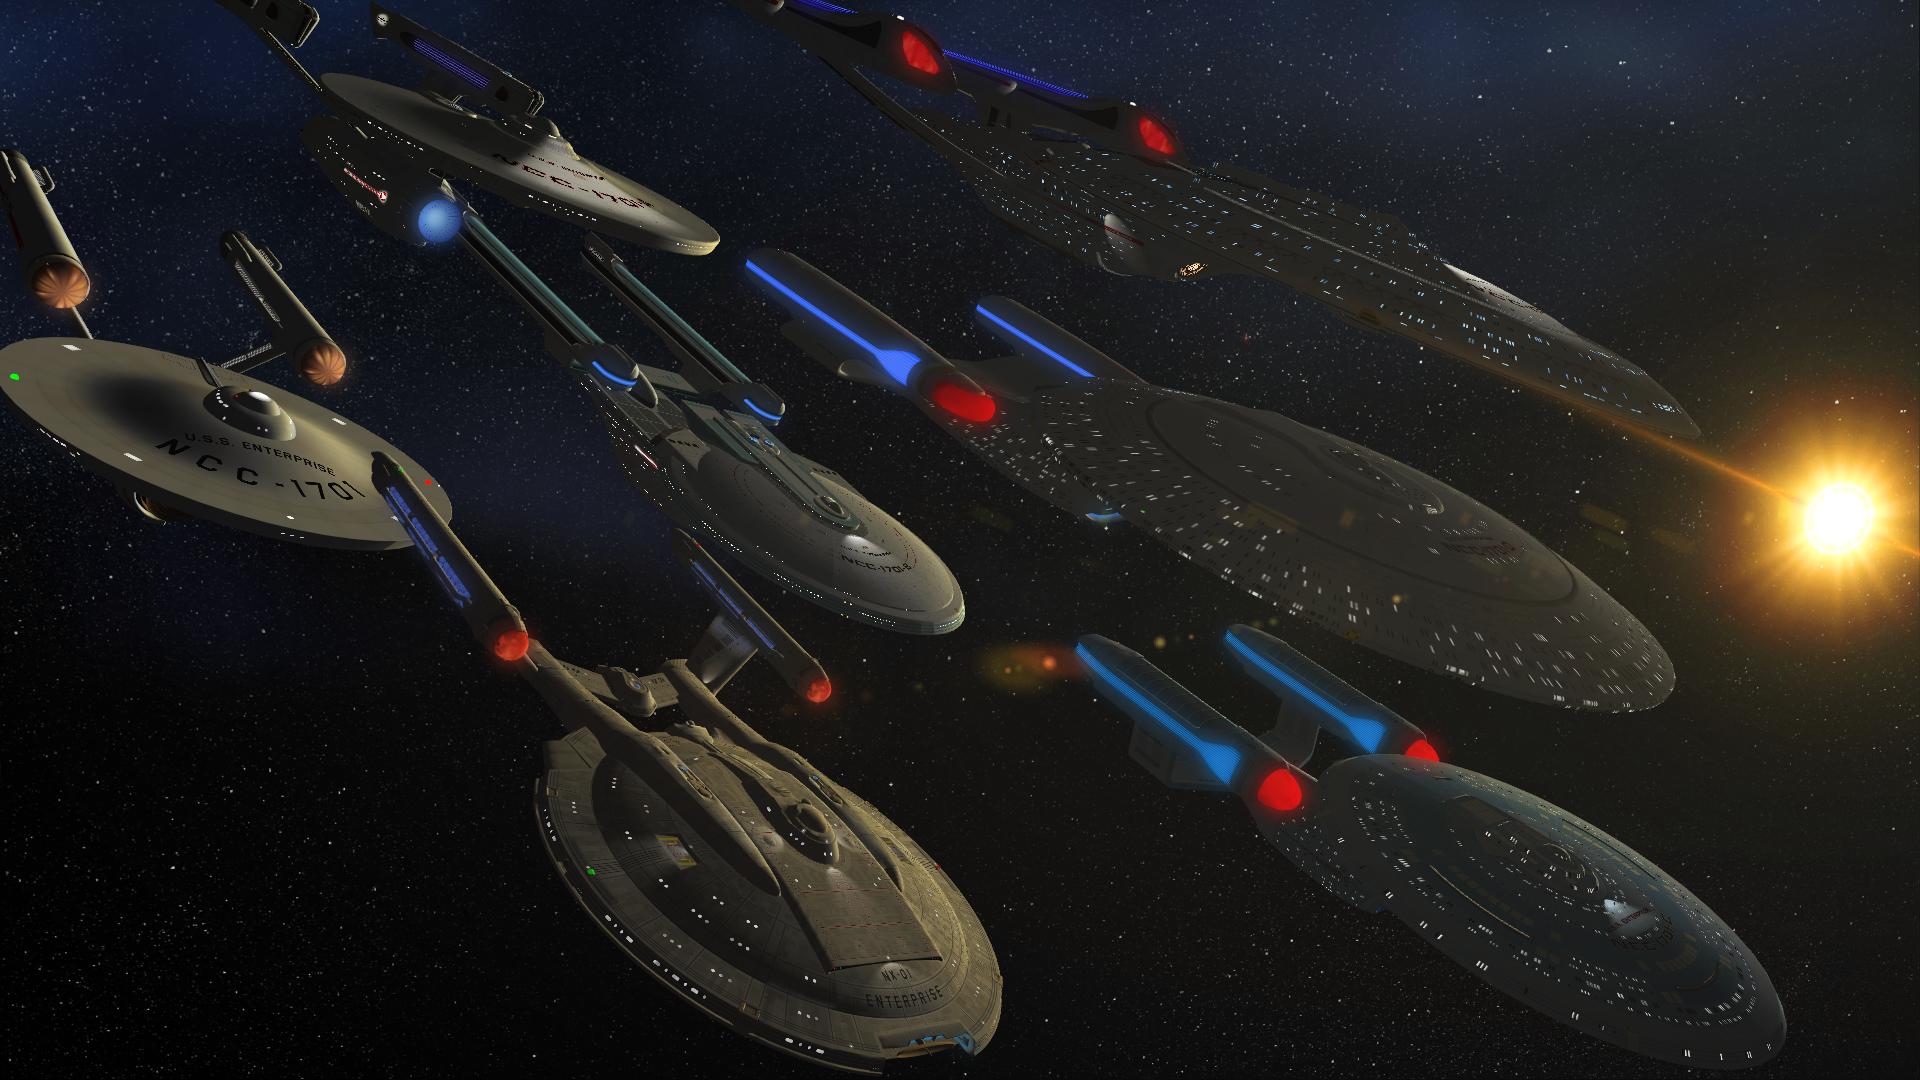 History Will Never Forget Uss Enterprise Star Trek Star Trek Ships Star Trek Universe